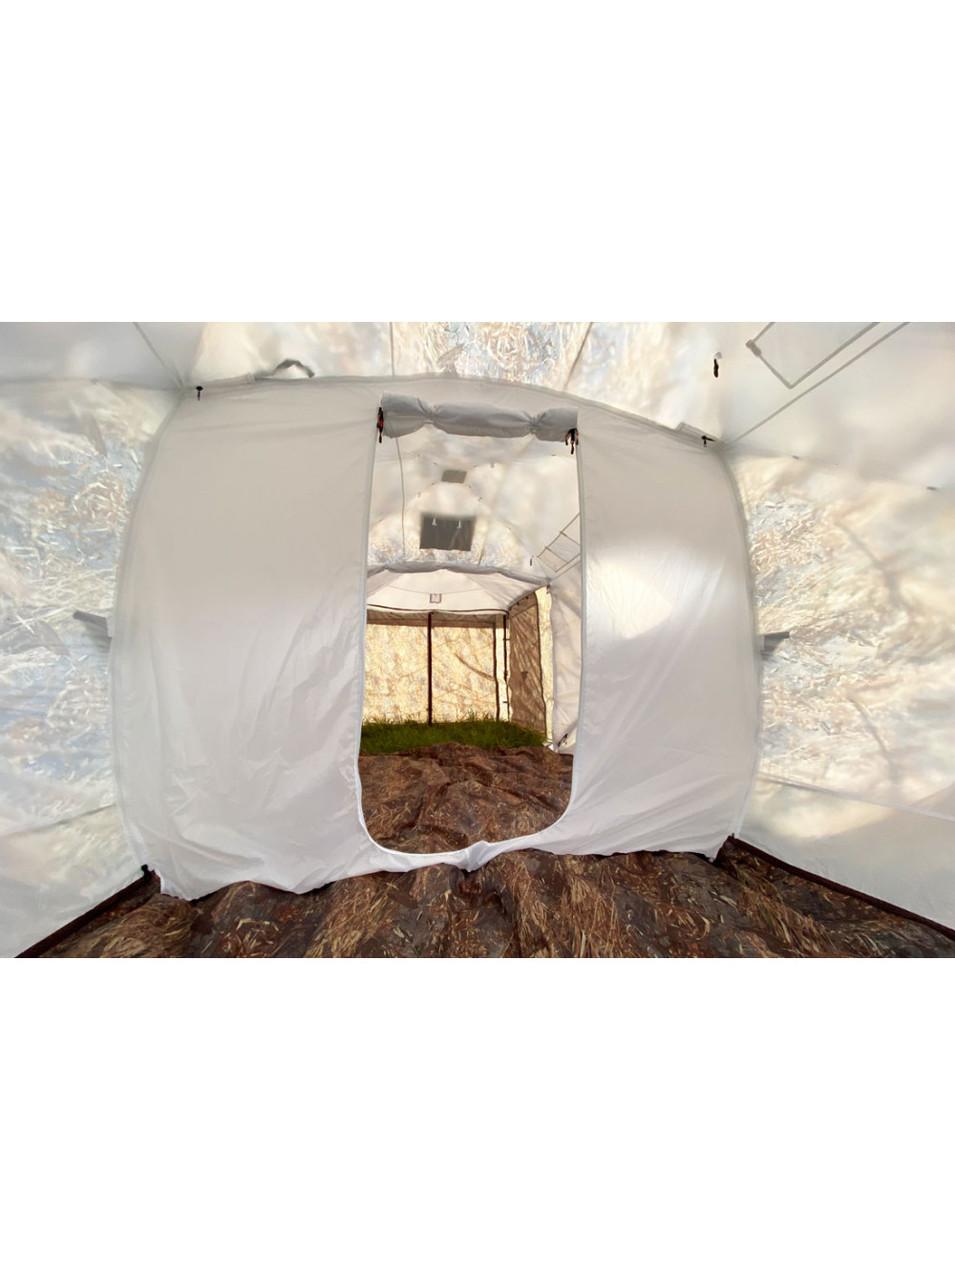 Палатка всесезонная Берег Кубоид 3.60 двухслойная, непромокаемый пол из ПВХ размер 3,6 x 1,8 x 1,9 м - фото 7